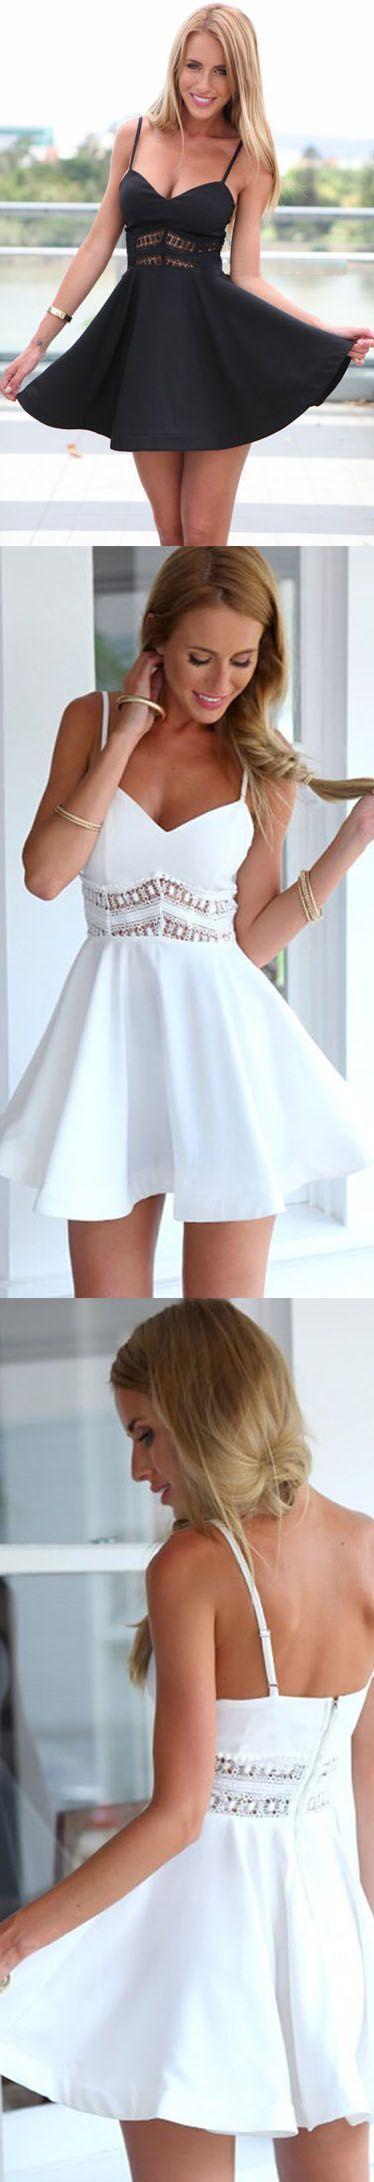 Homecoming dresswhite prom dressshort prom dresseshomecoming